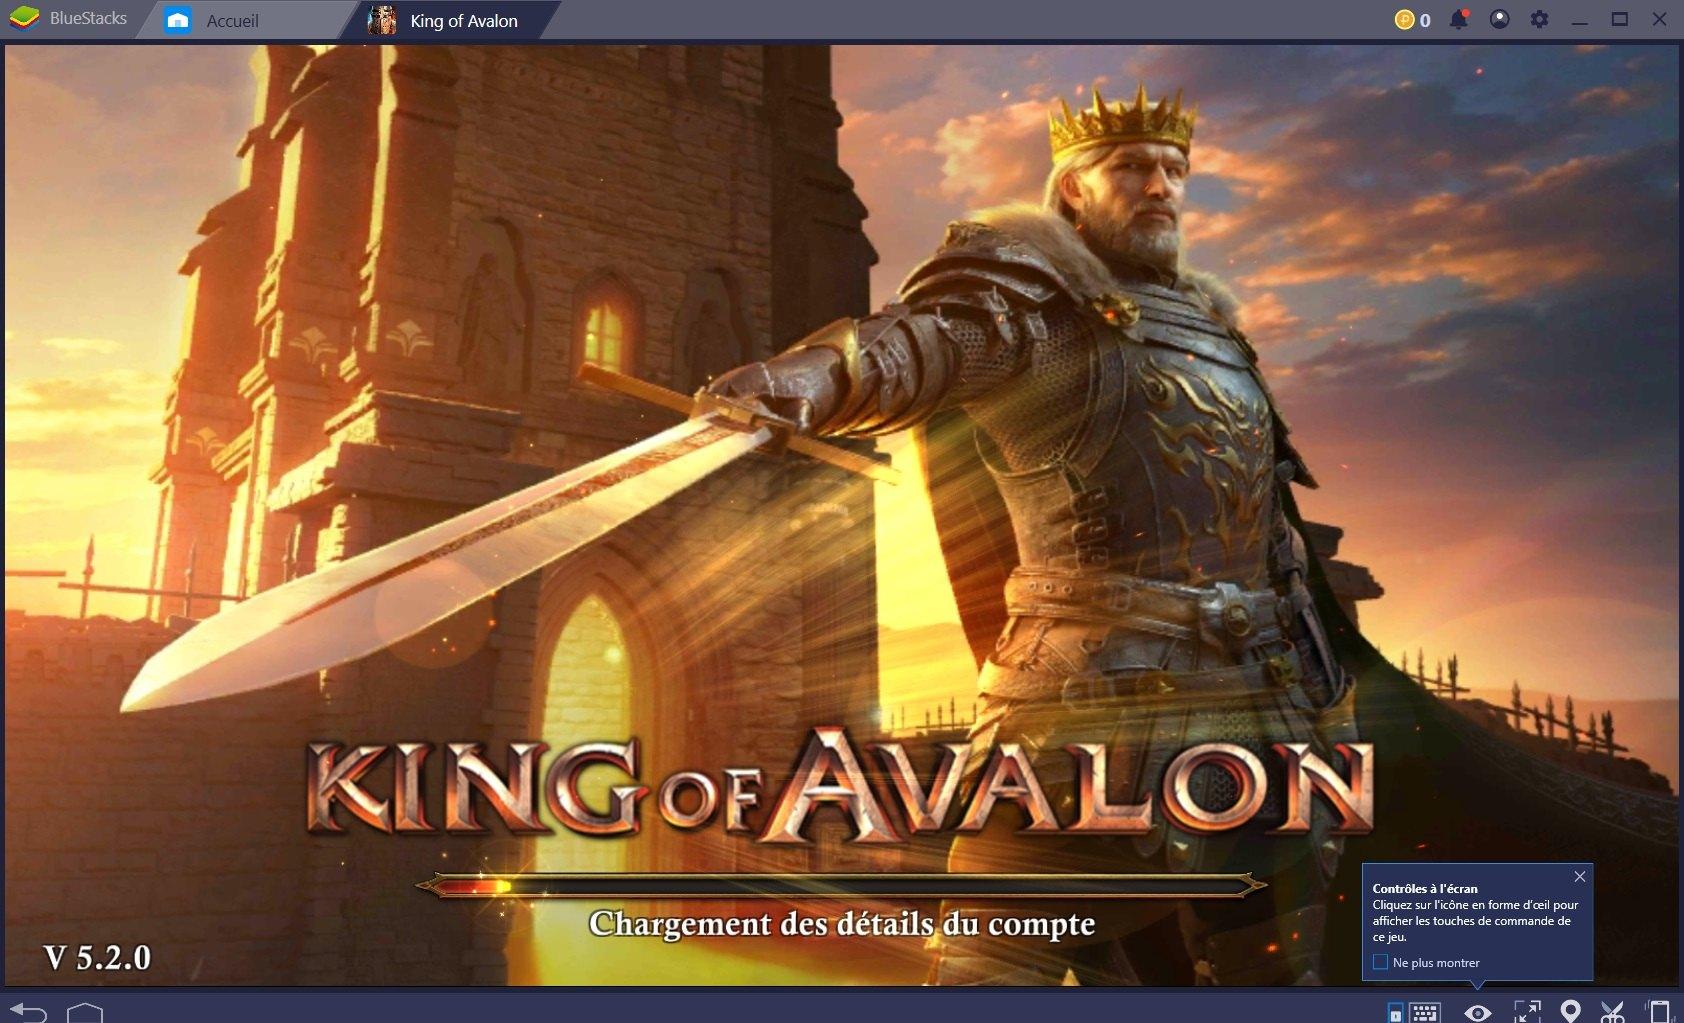 King of Avalon : Trucs et astuces pour progresser rapidement